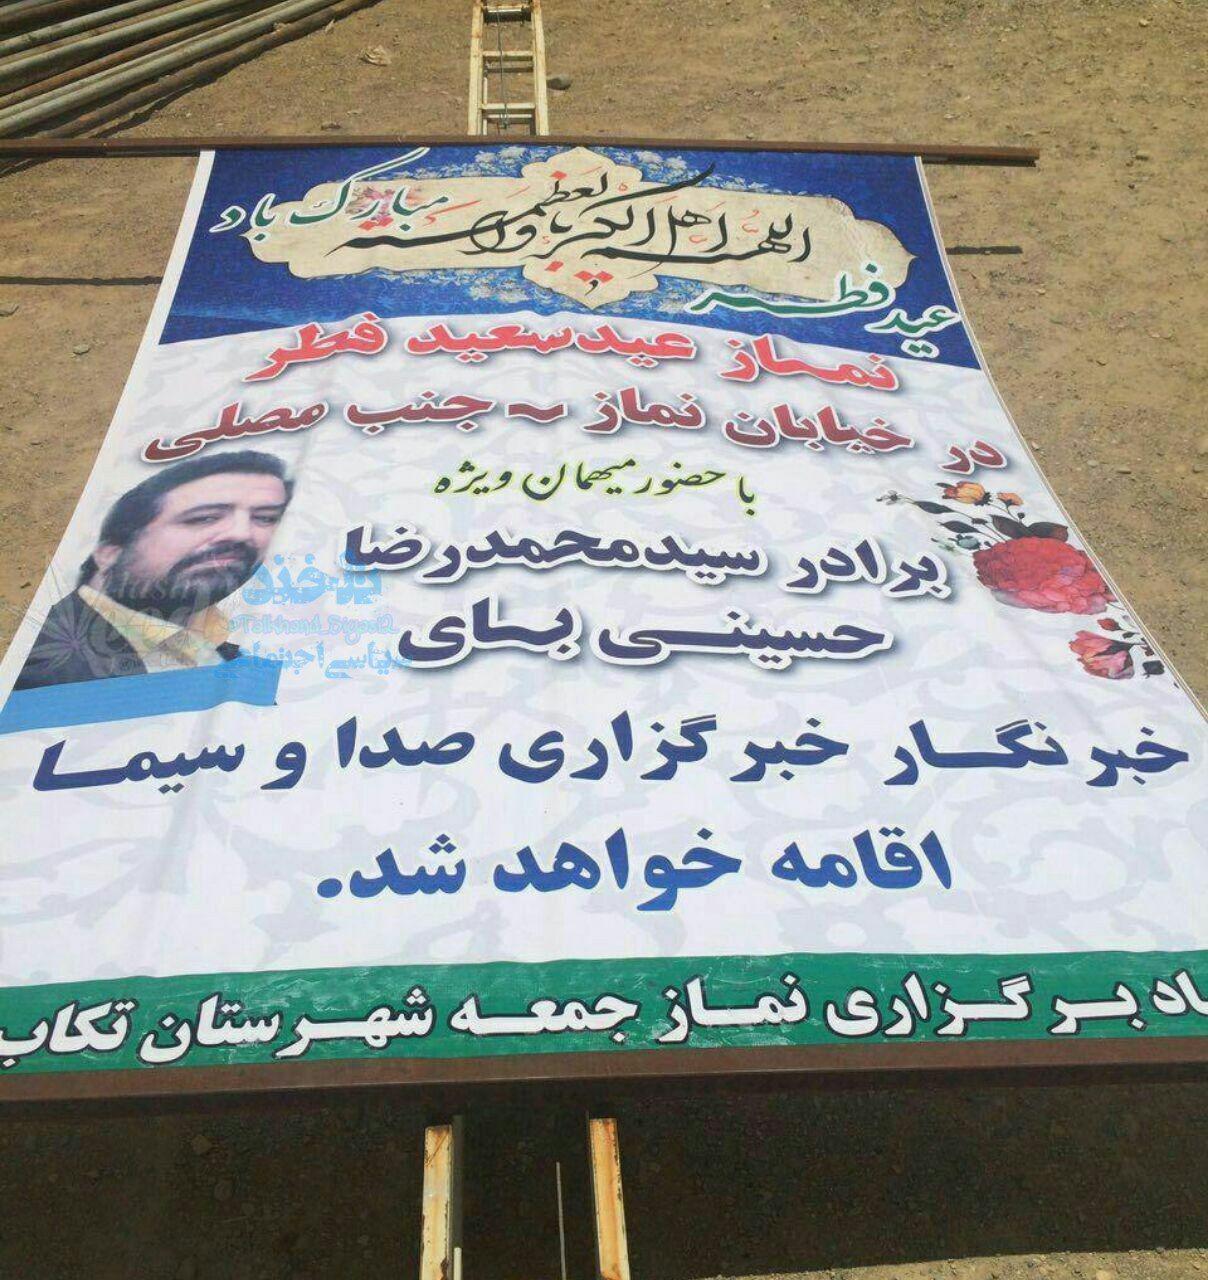 ماجرای بنر حاشیه ساز حسینی بای در نماز عیدفطر چه بود؟ +تصویر